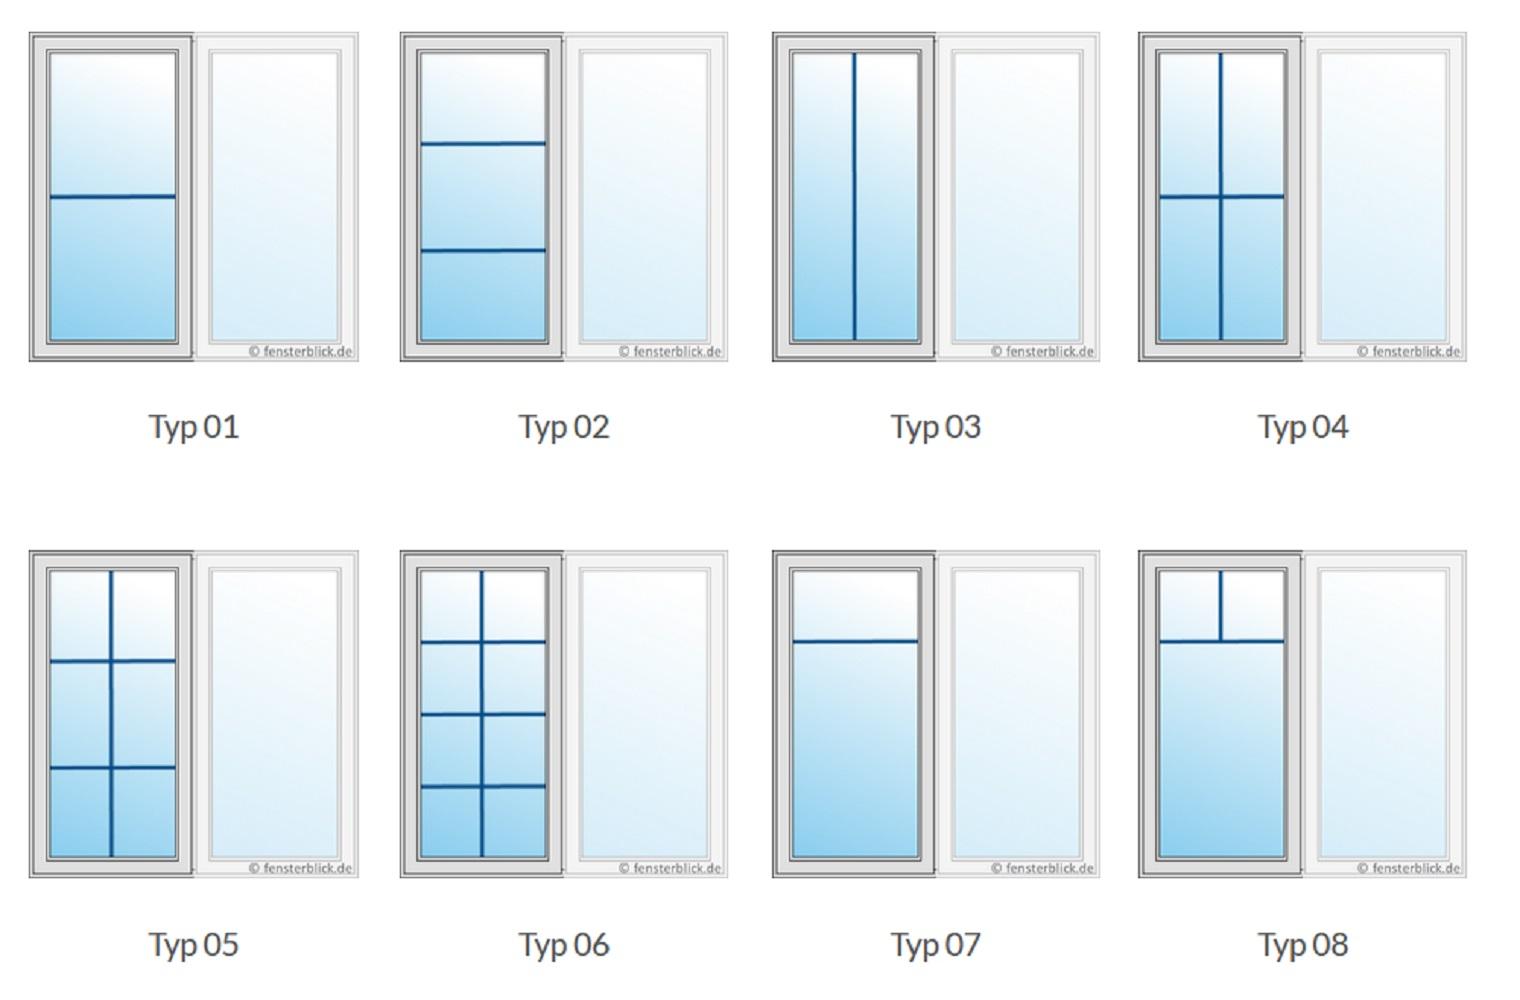 Full Size of Fenster Mit Sprossen Fenstersprossen Zum Aufkleben Fensterblickde Online Konfigurieren Betten Schubladen Kleine Bäder Dusche Schüko Gardinen Rollos Fenster Fenster Mit Sprossen